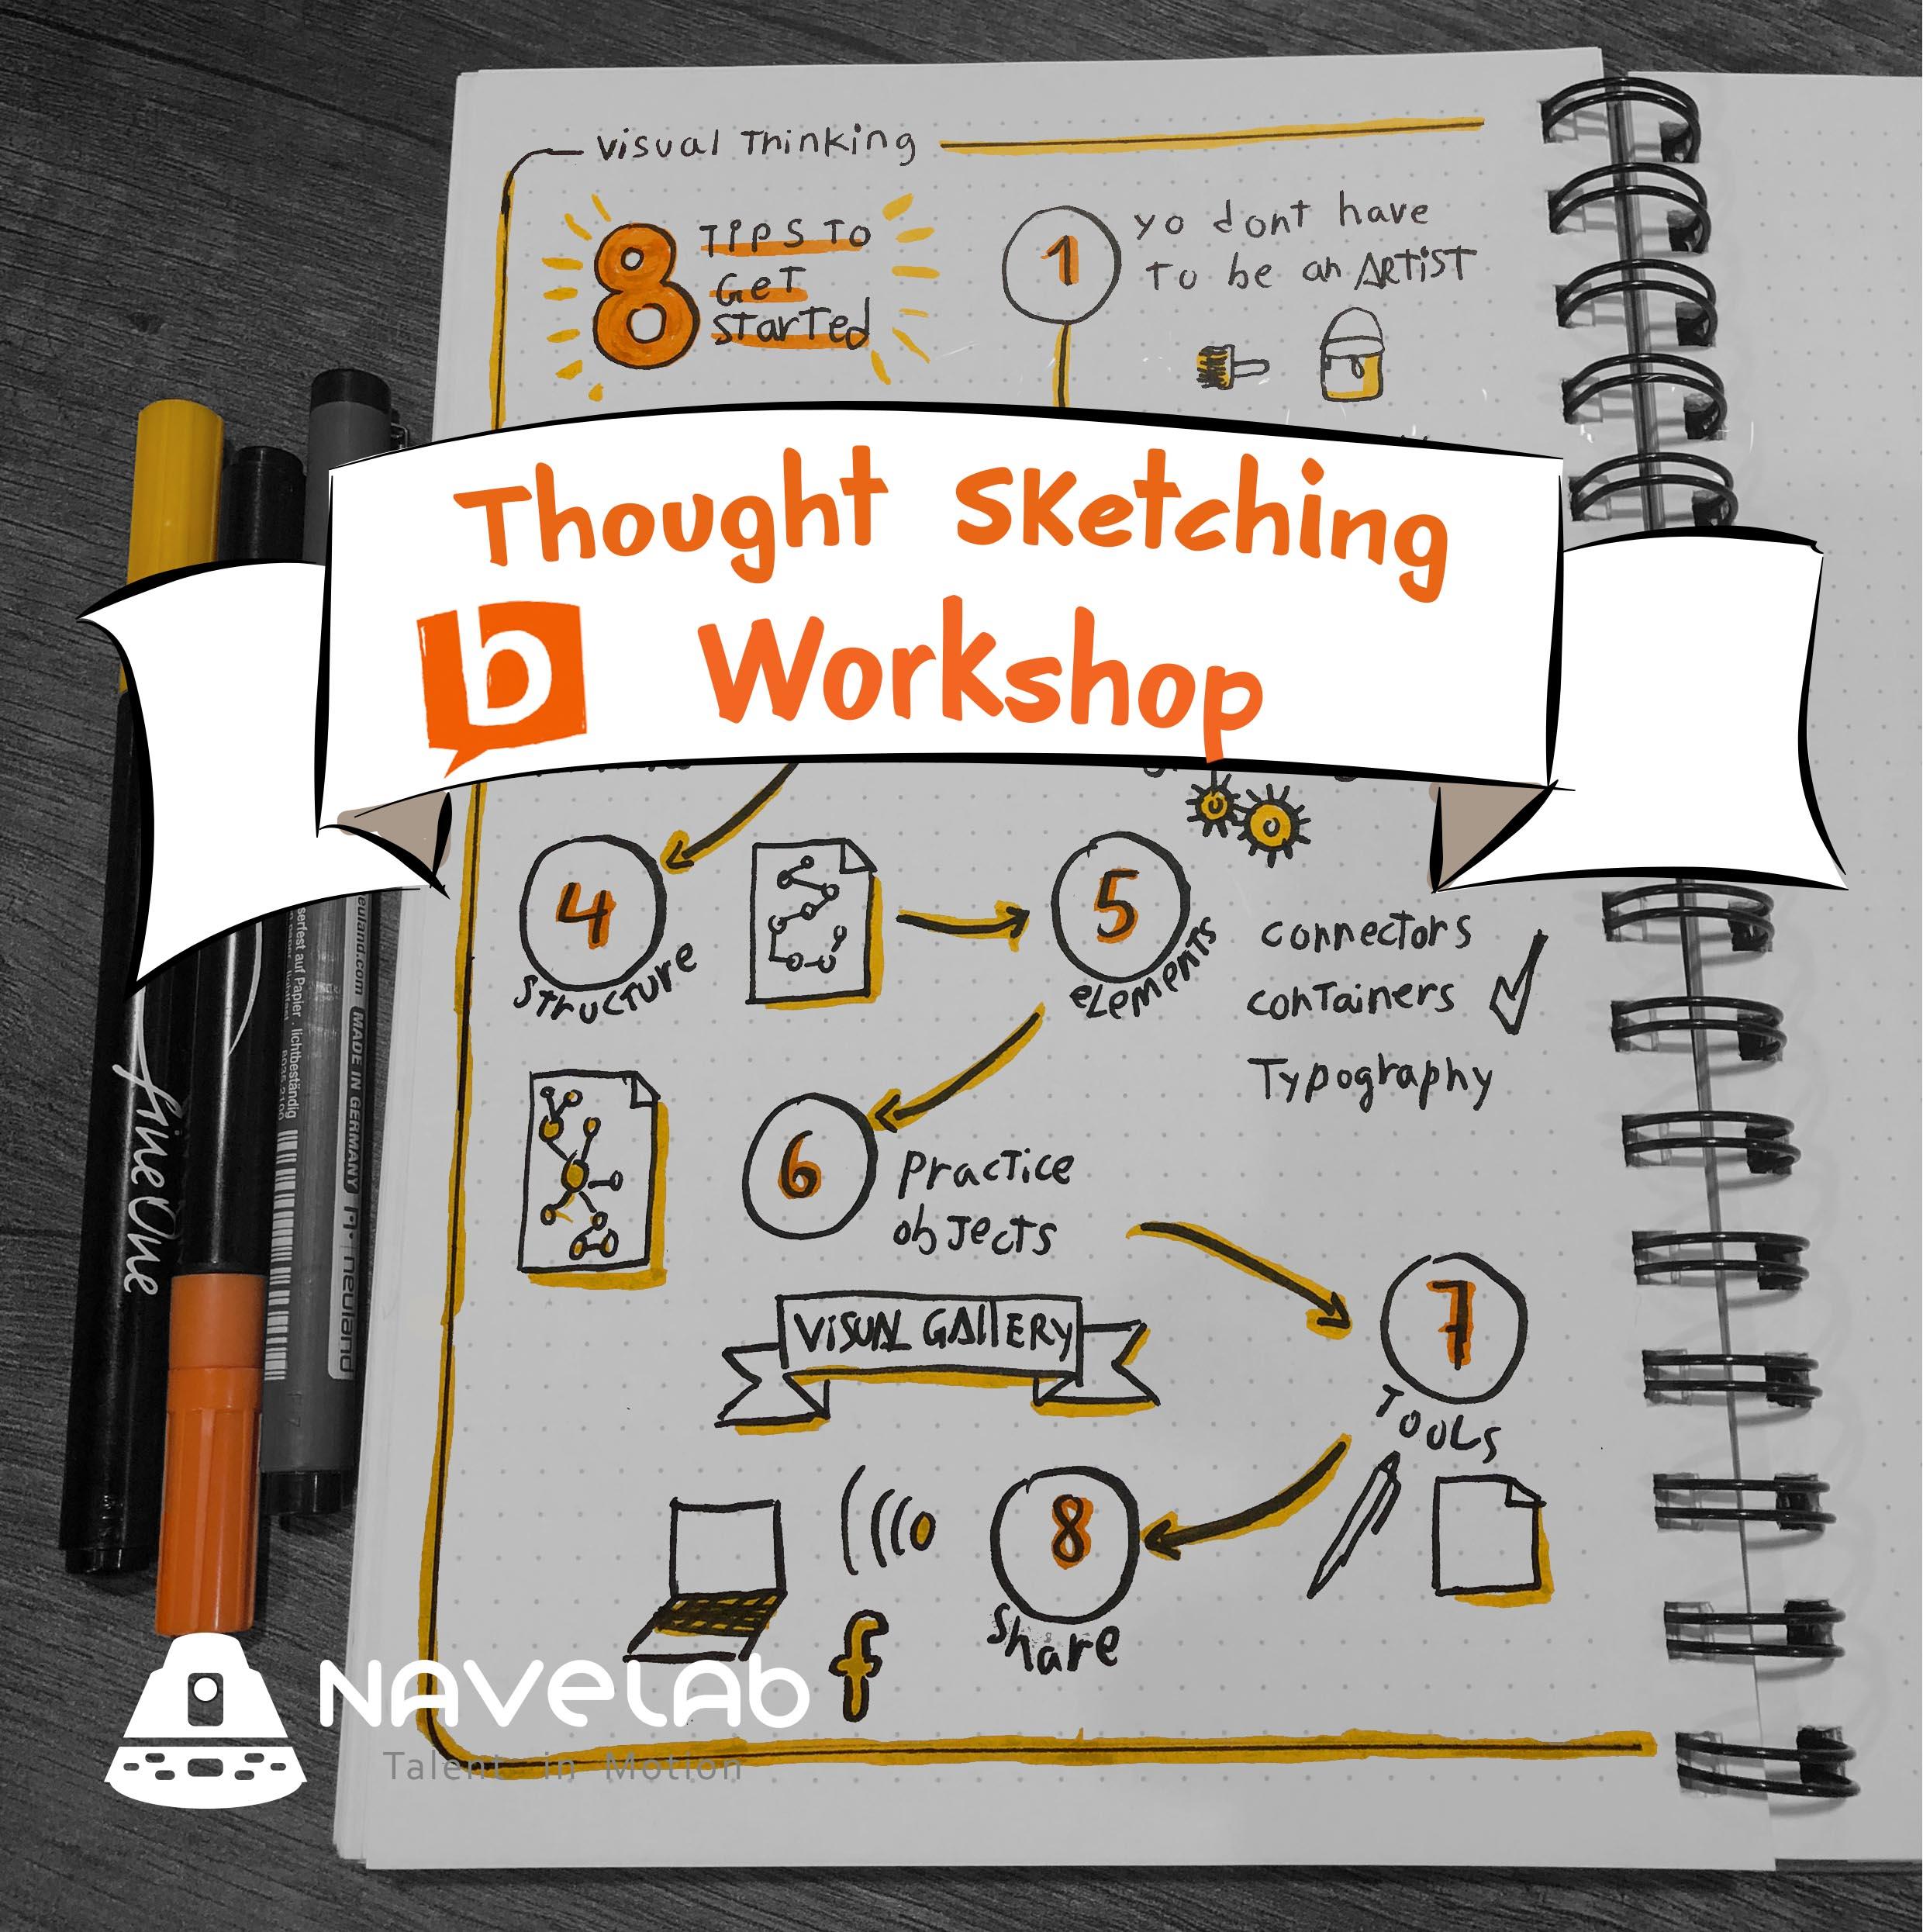 Sketchnoting workshop arte4.jpg